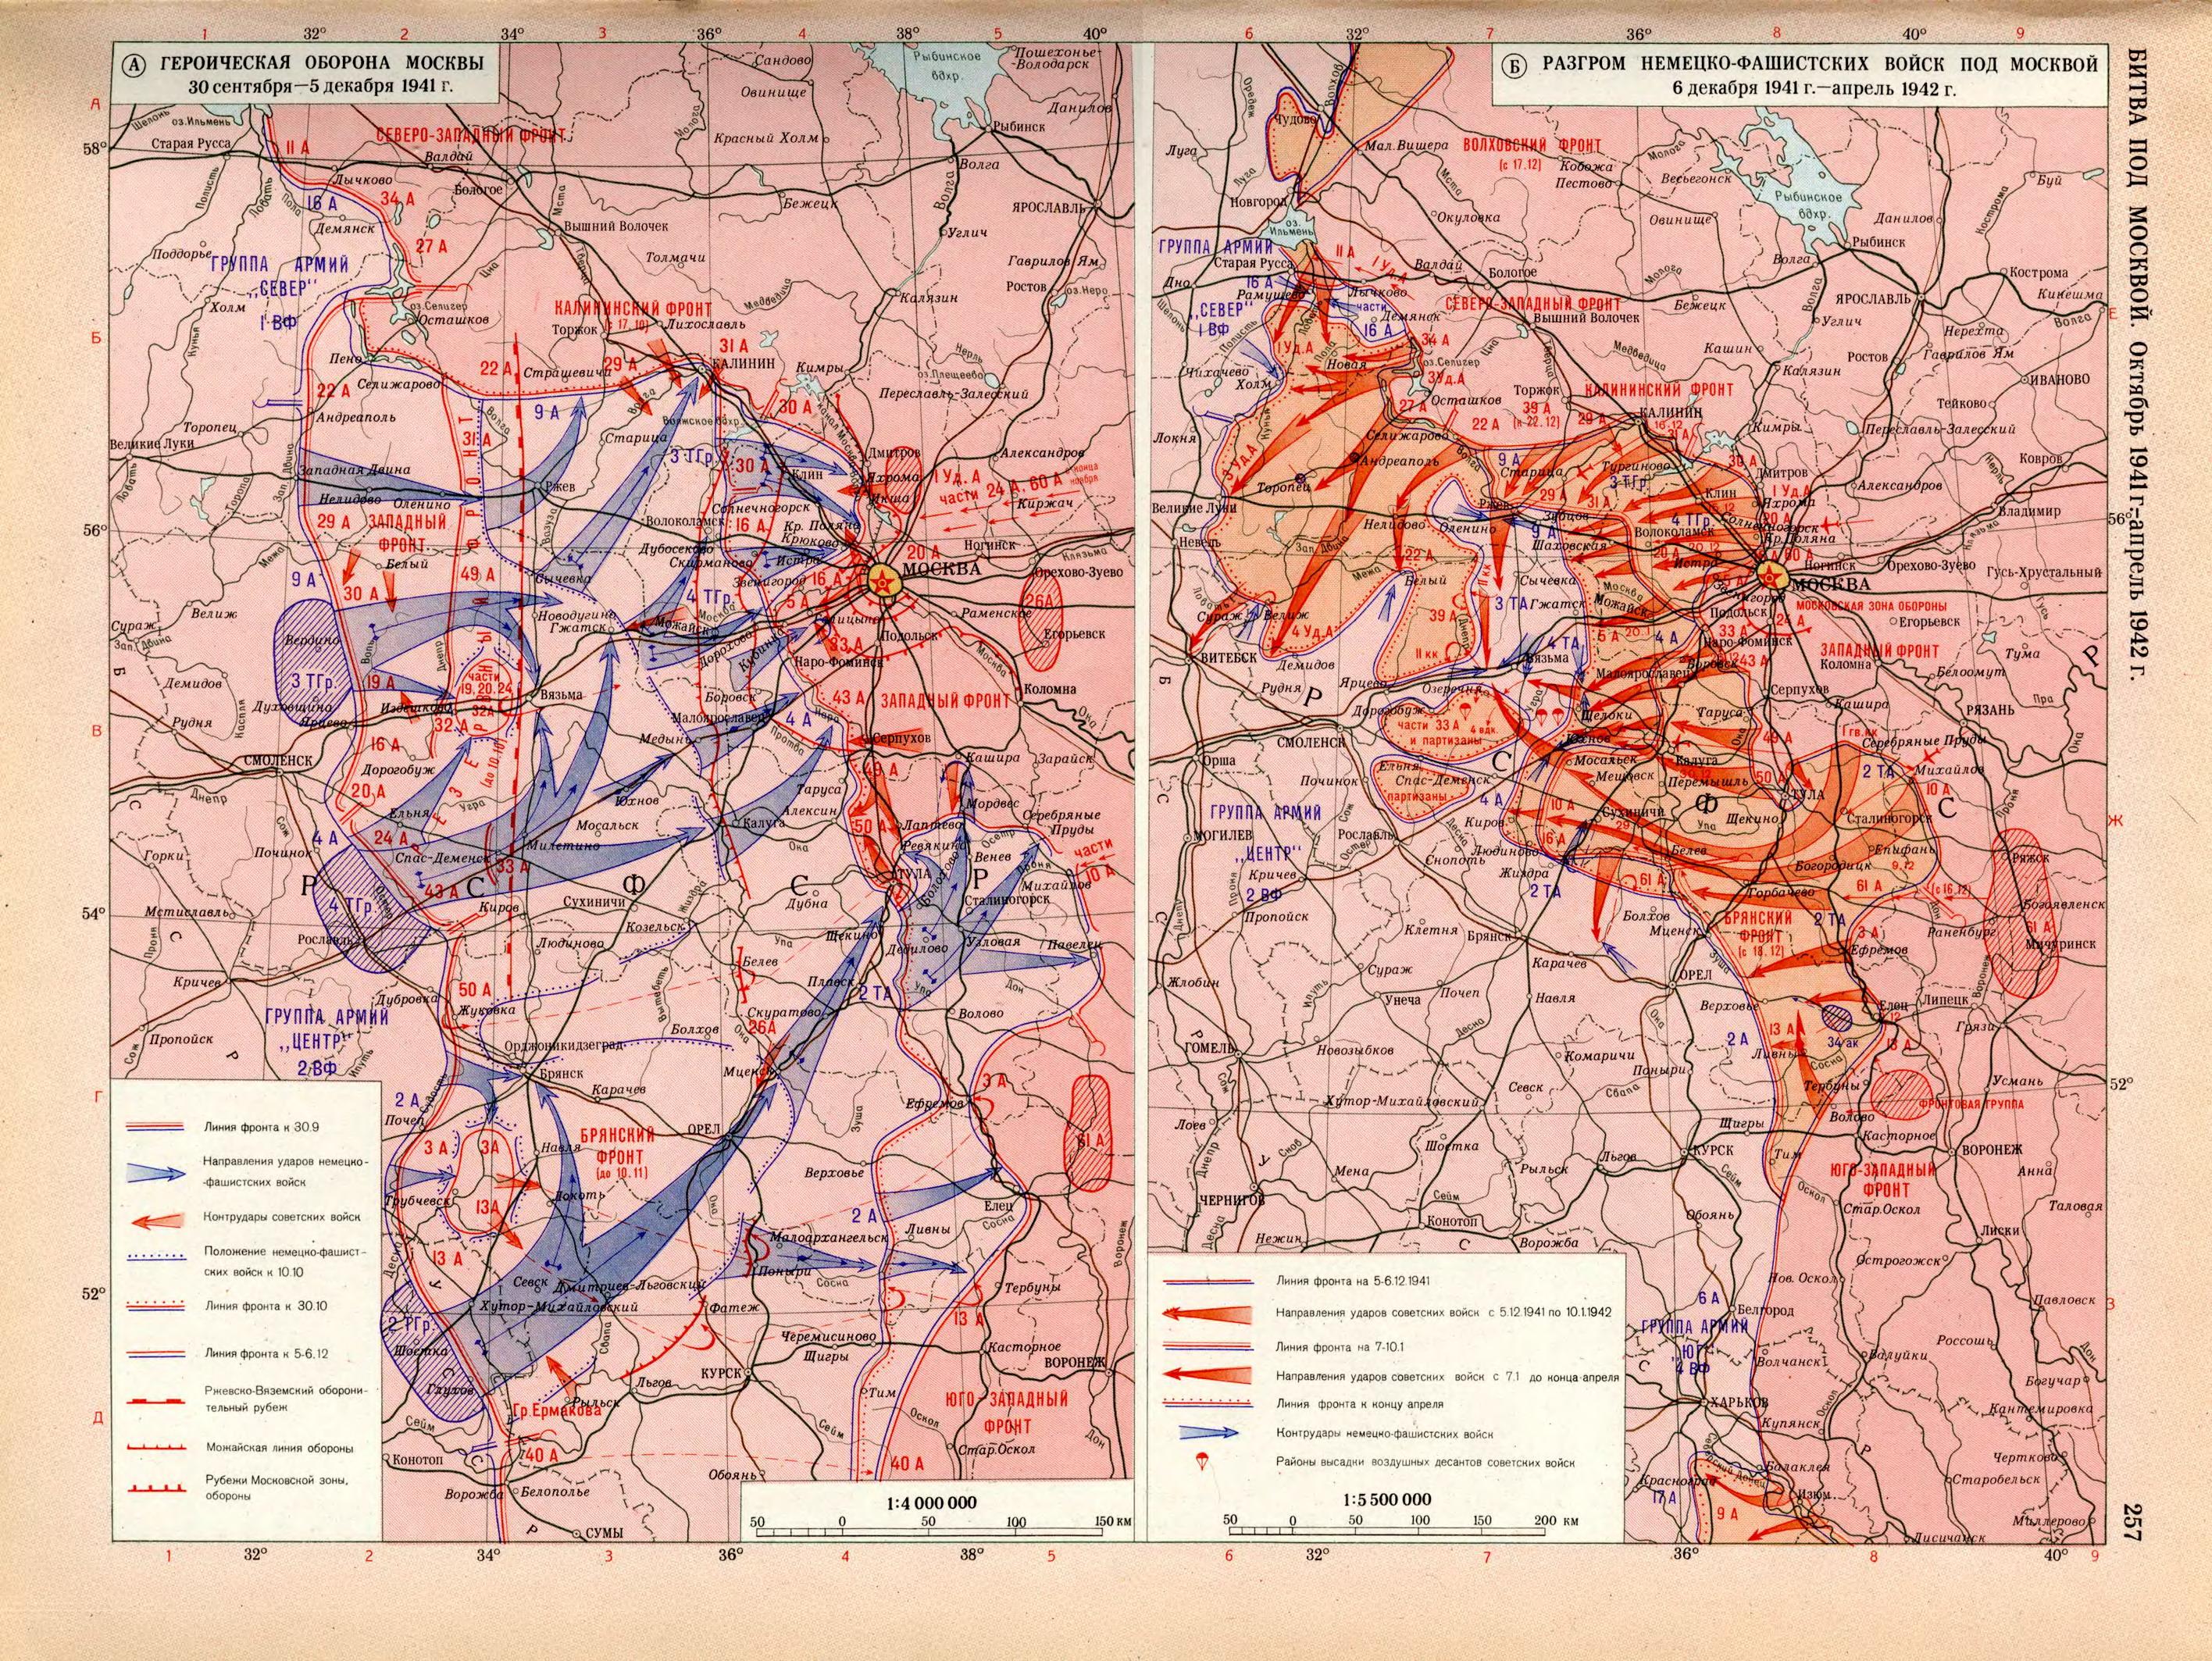 Битва под москвой октябрь 1941 апрель